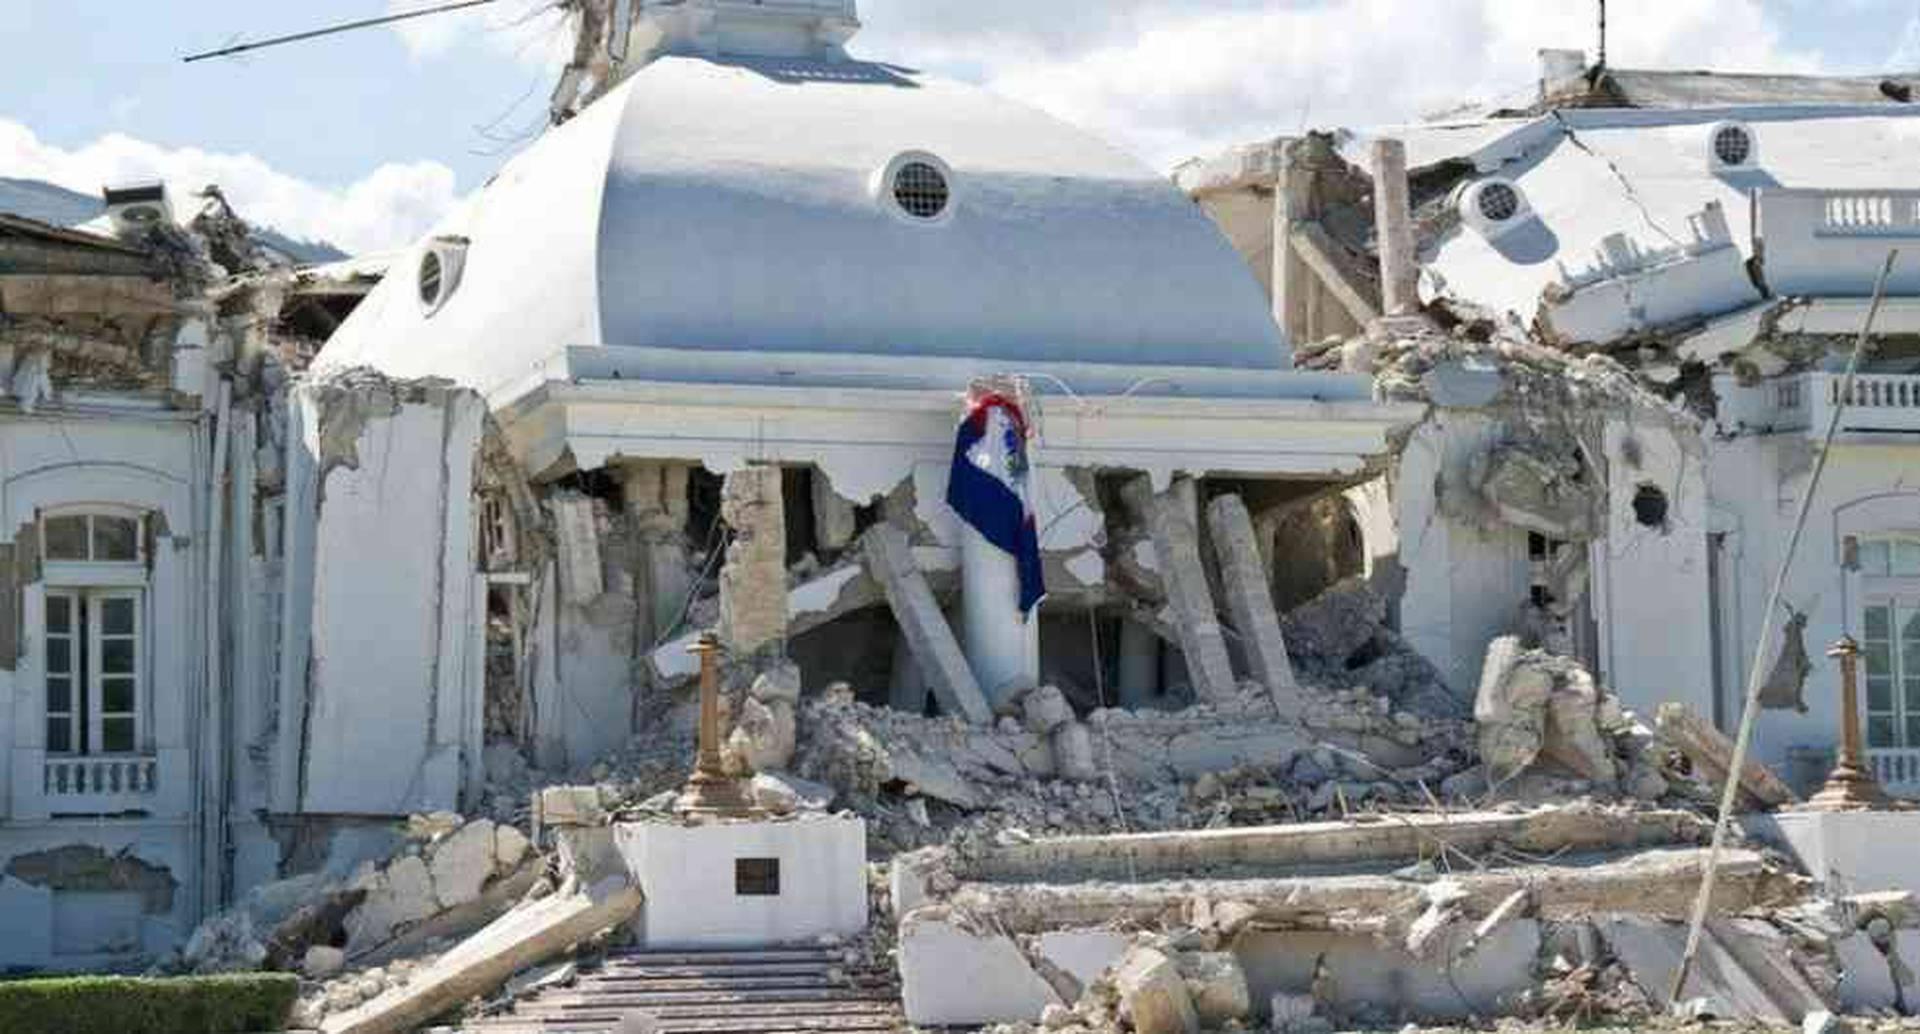 El Palacio Nacional de Puerto Príncipe todavía no fue reconstruido. Foto: Getty Images/ BBC